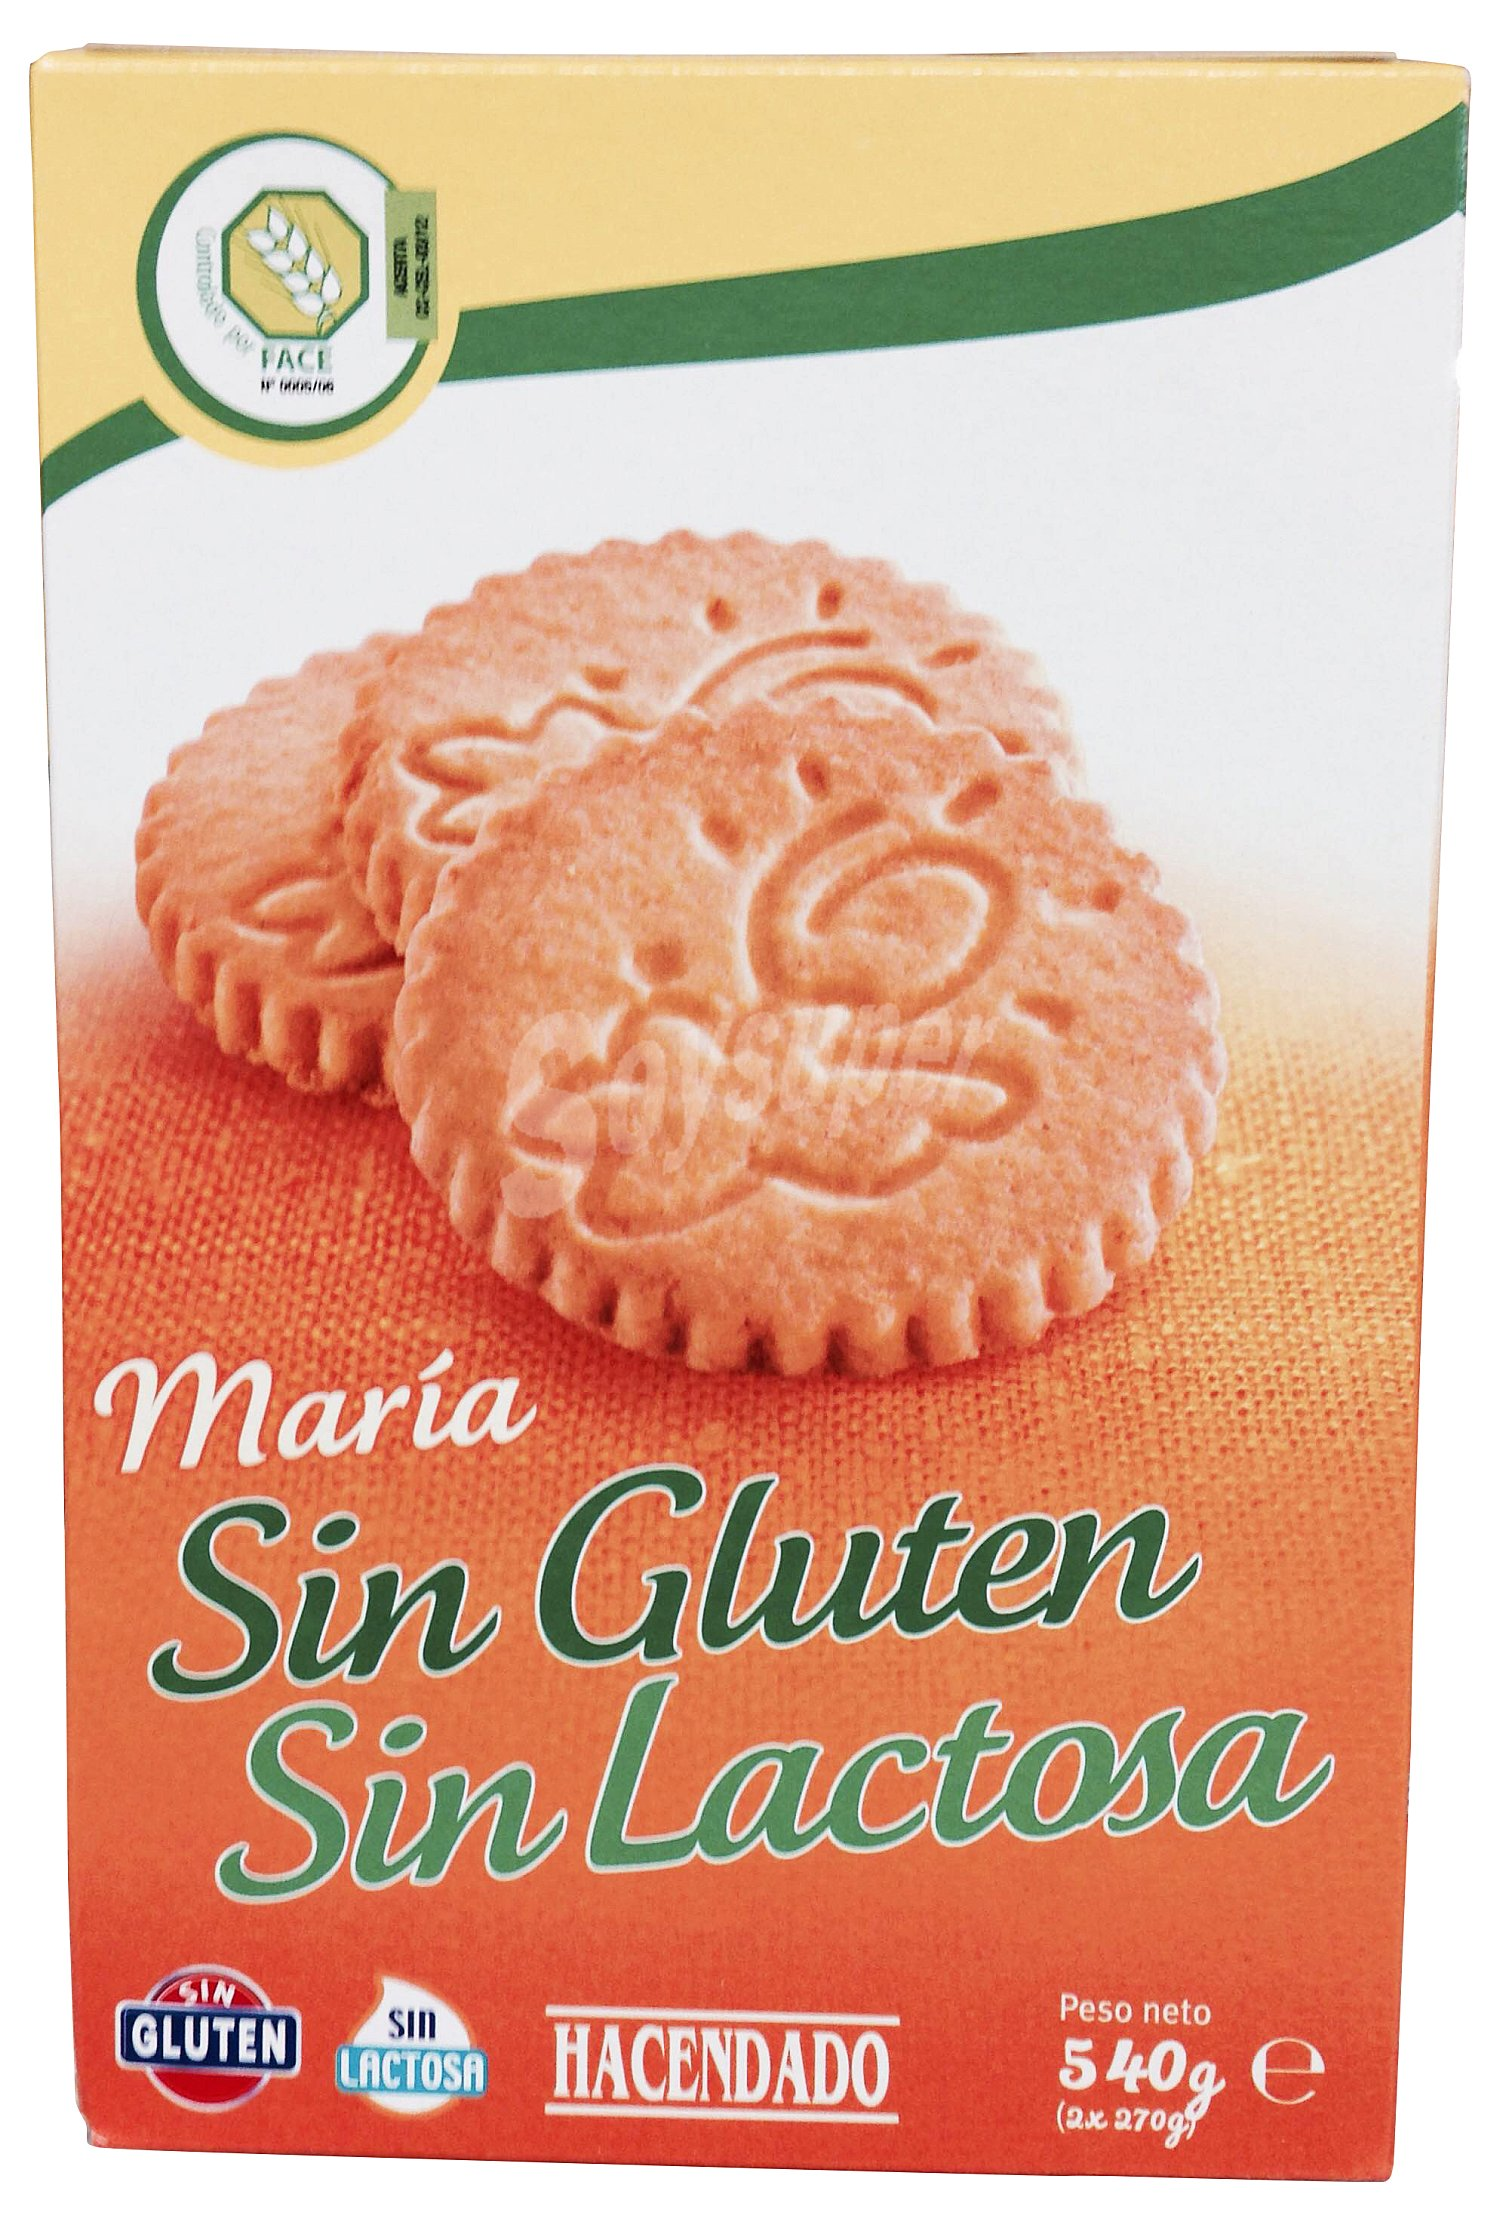 Hacendado Galleta maria sin gluten y sin lactosa Caja de 540 g